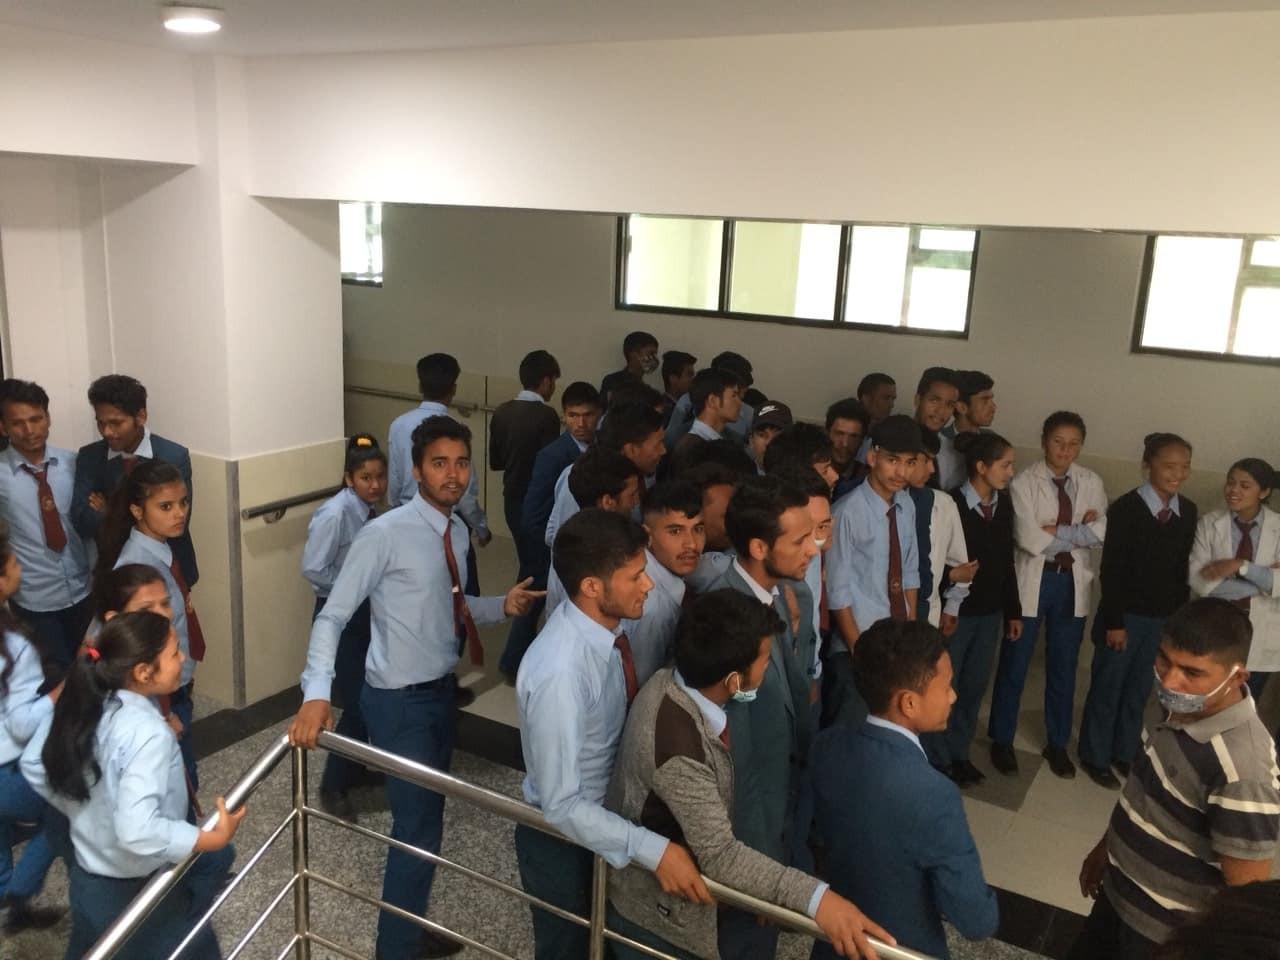 डा. केसीलाई काठमाडौं लैजान नदिन उपस्थित भएका विद्यार्थीहरू। तस्बिरः सेतोपाटी